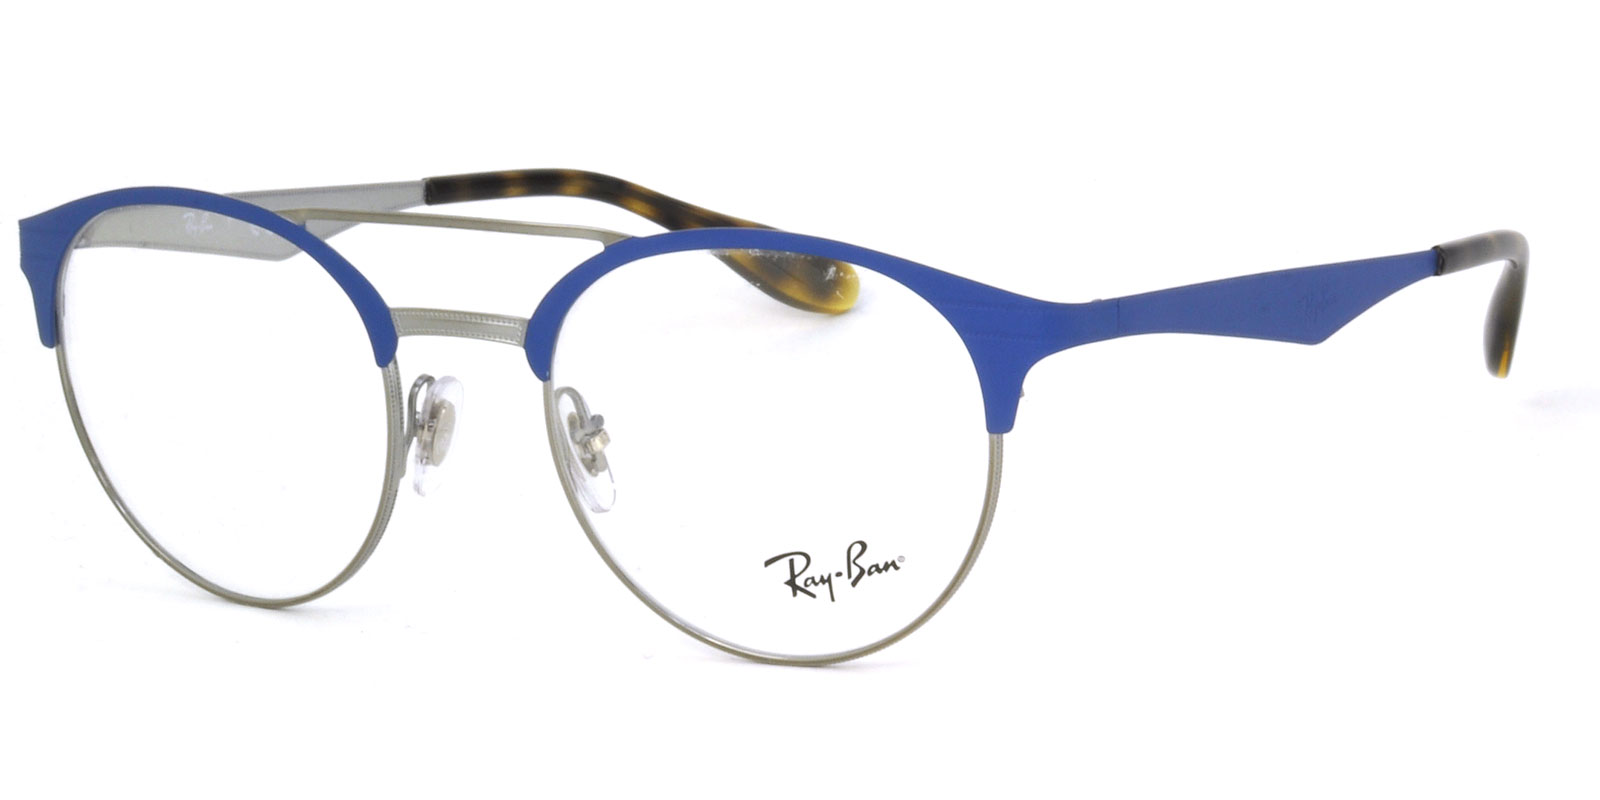 レイバン メガネ フレーム Ray-Ban RX3545V 2911 49サイズ ボストン 丸メガネ フレーム ツーブリッジ マットカラー レイバン RAYBAN メンズ レディース